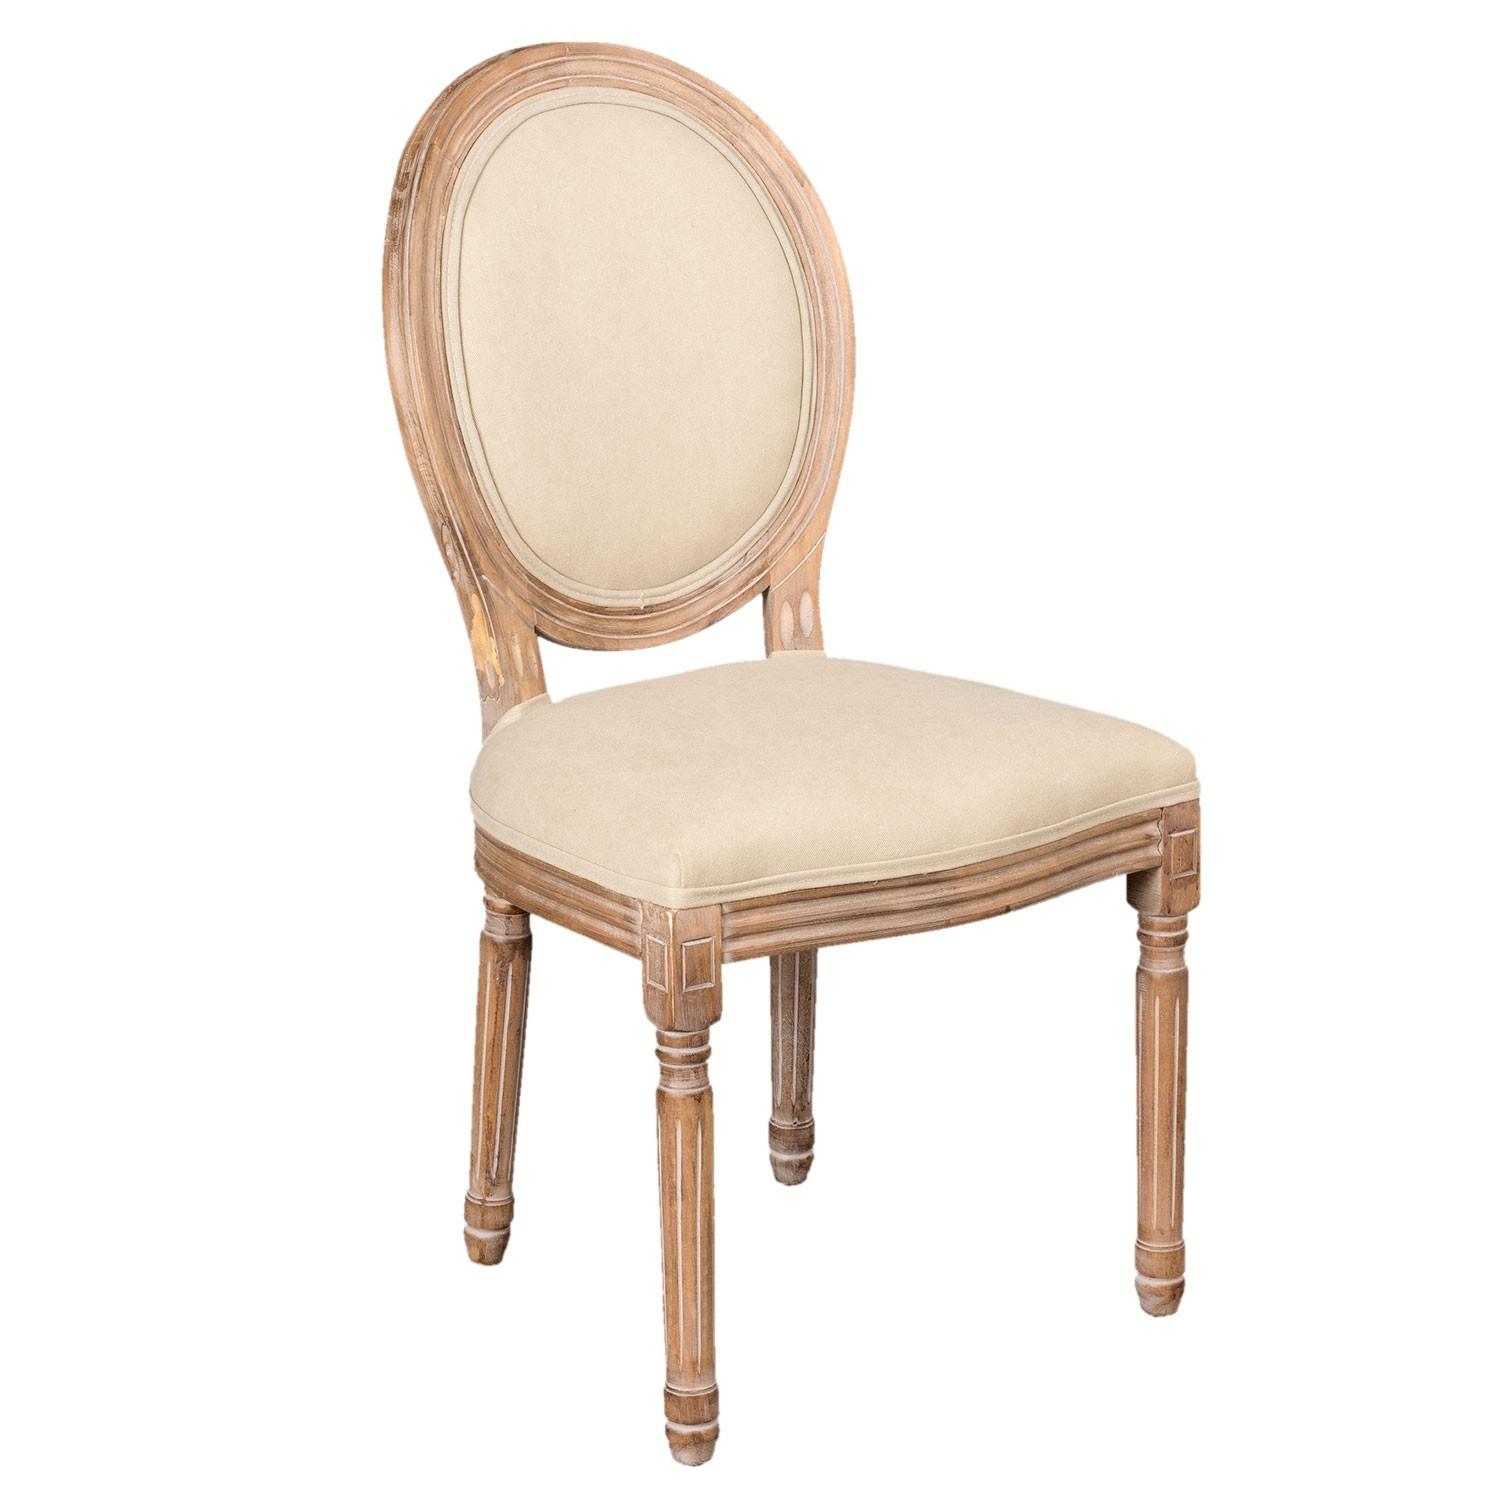 Clayre & Eef Čalouněná židle Julie - 50*55*96 cm